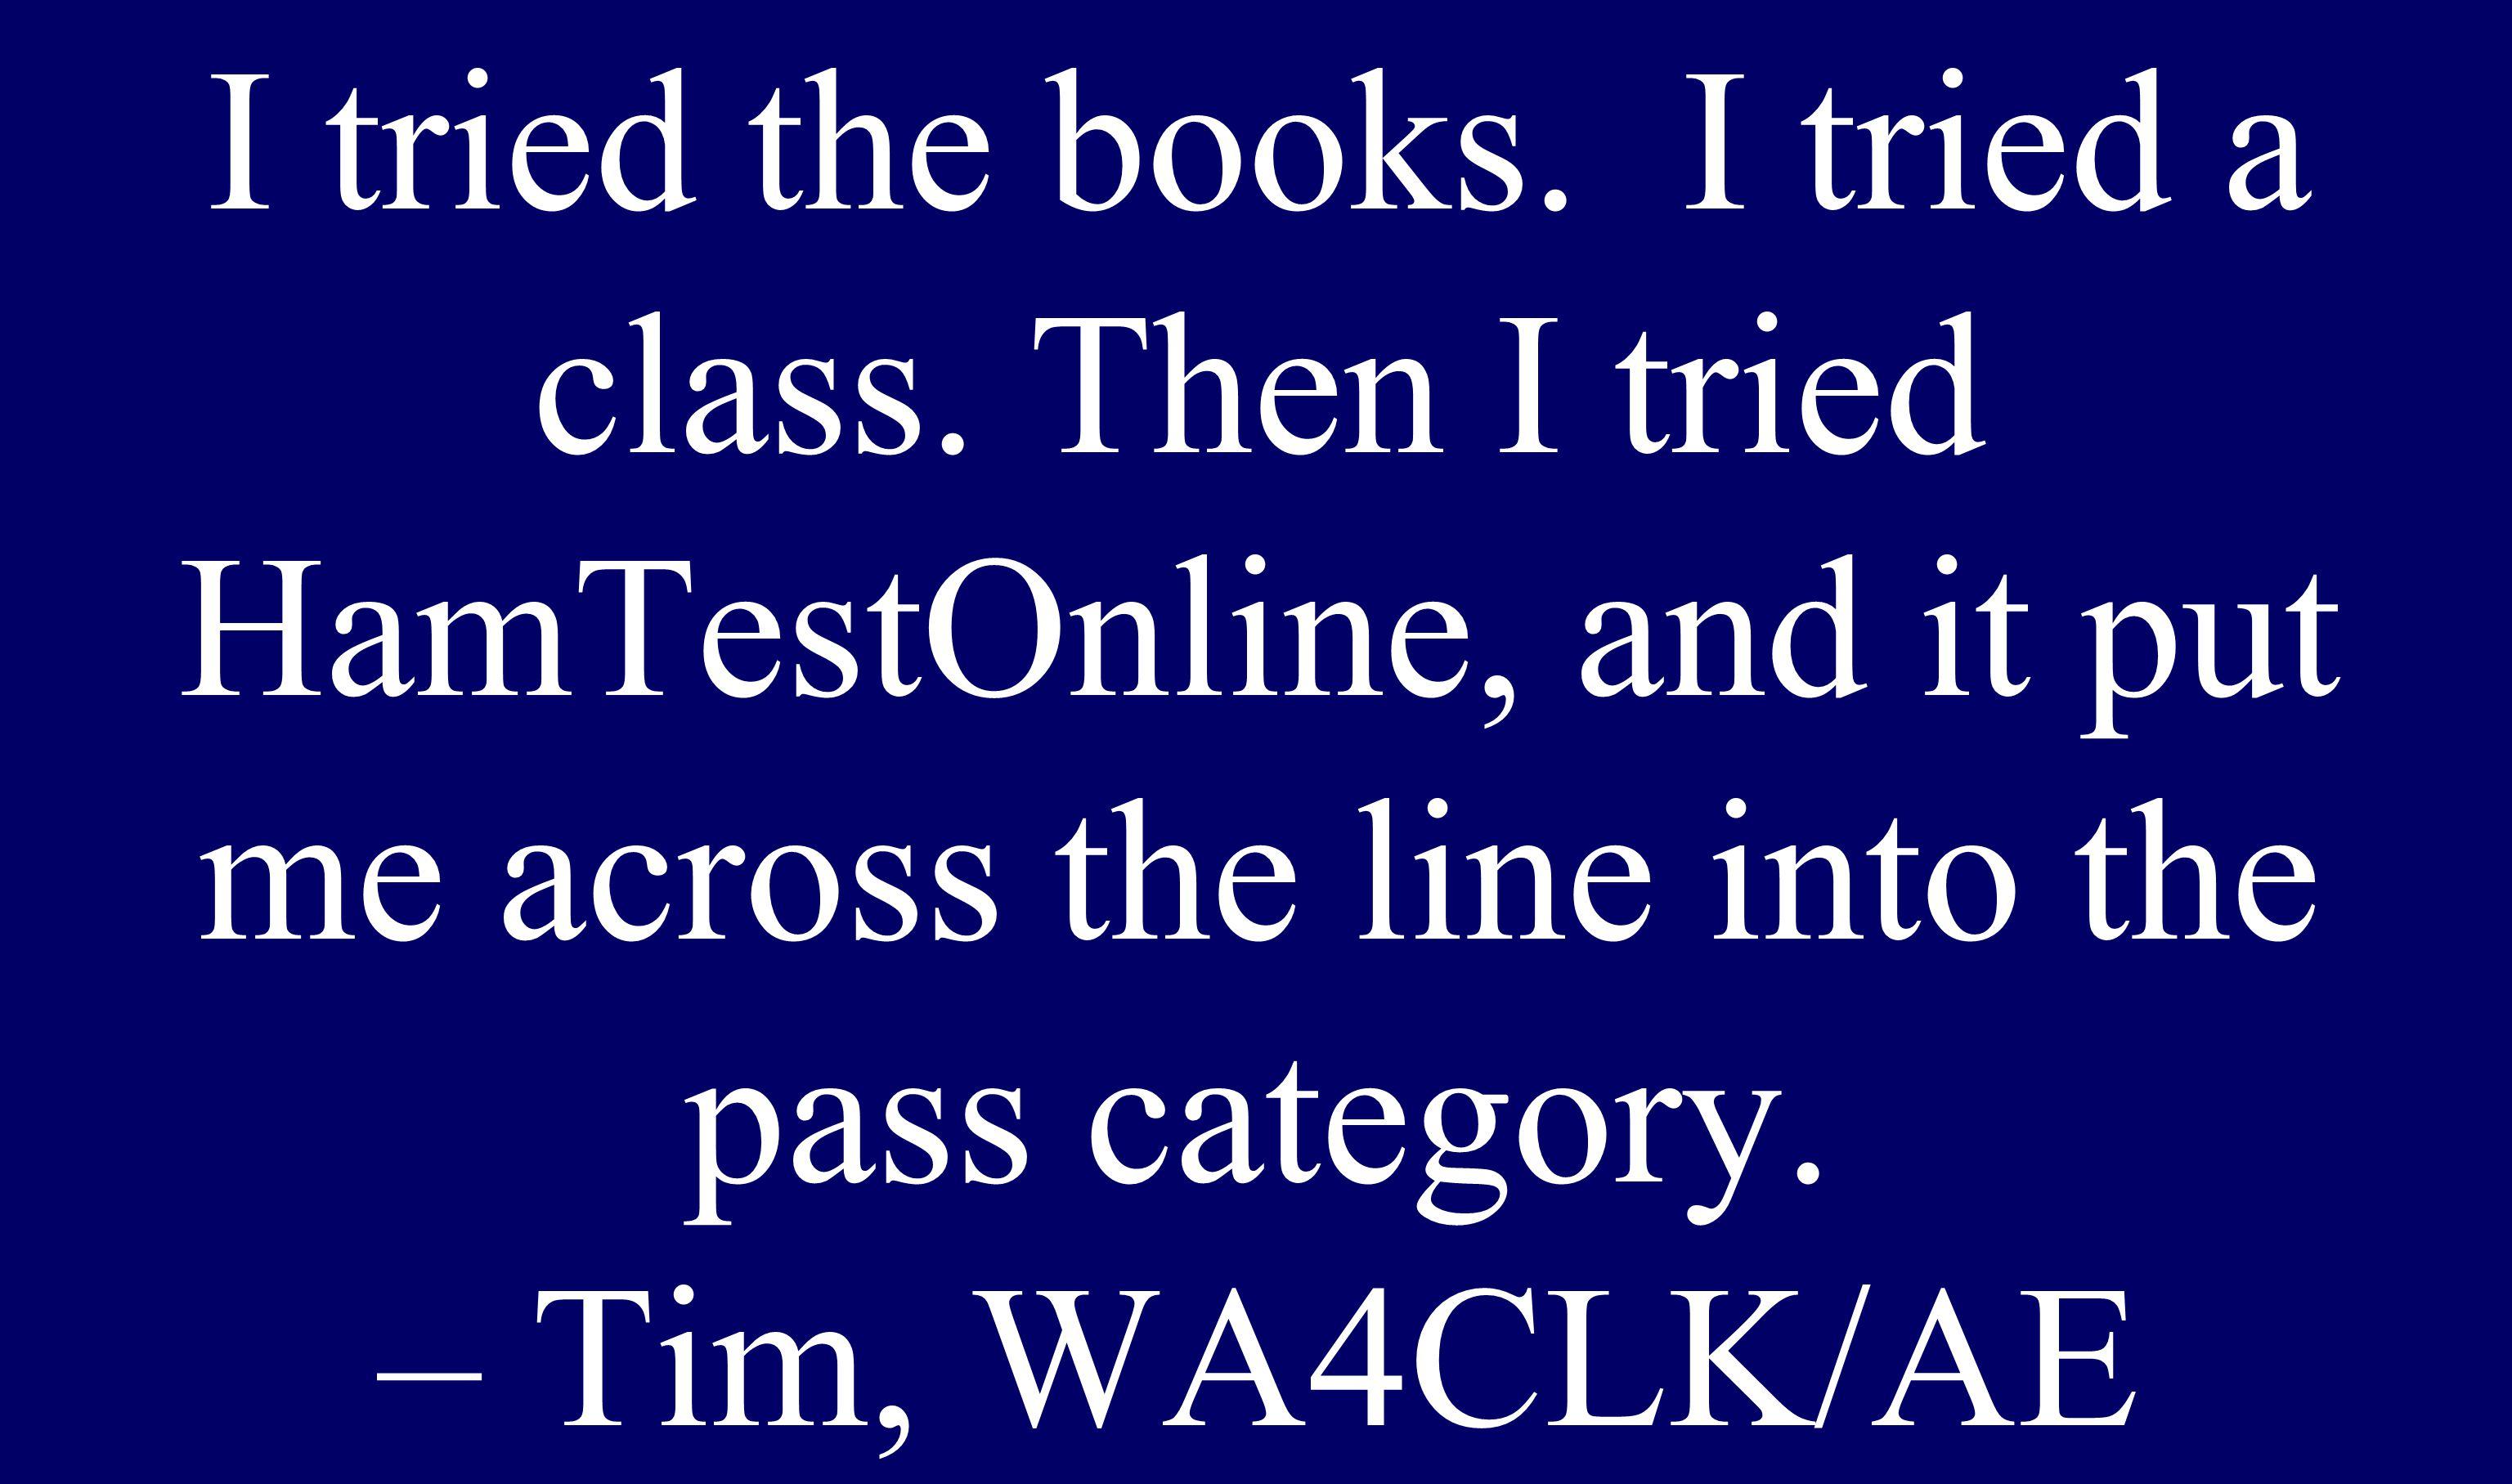 I tried the books. I tried a class.